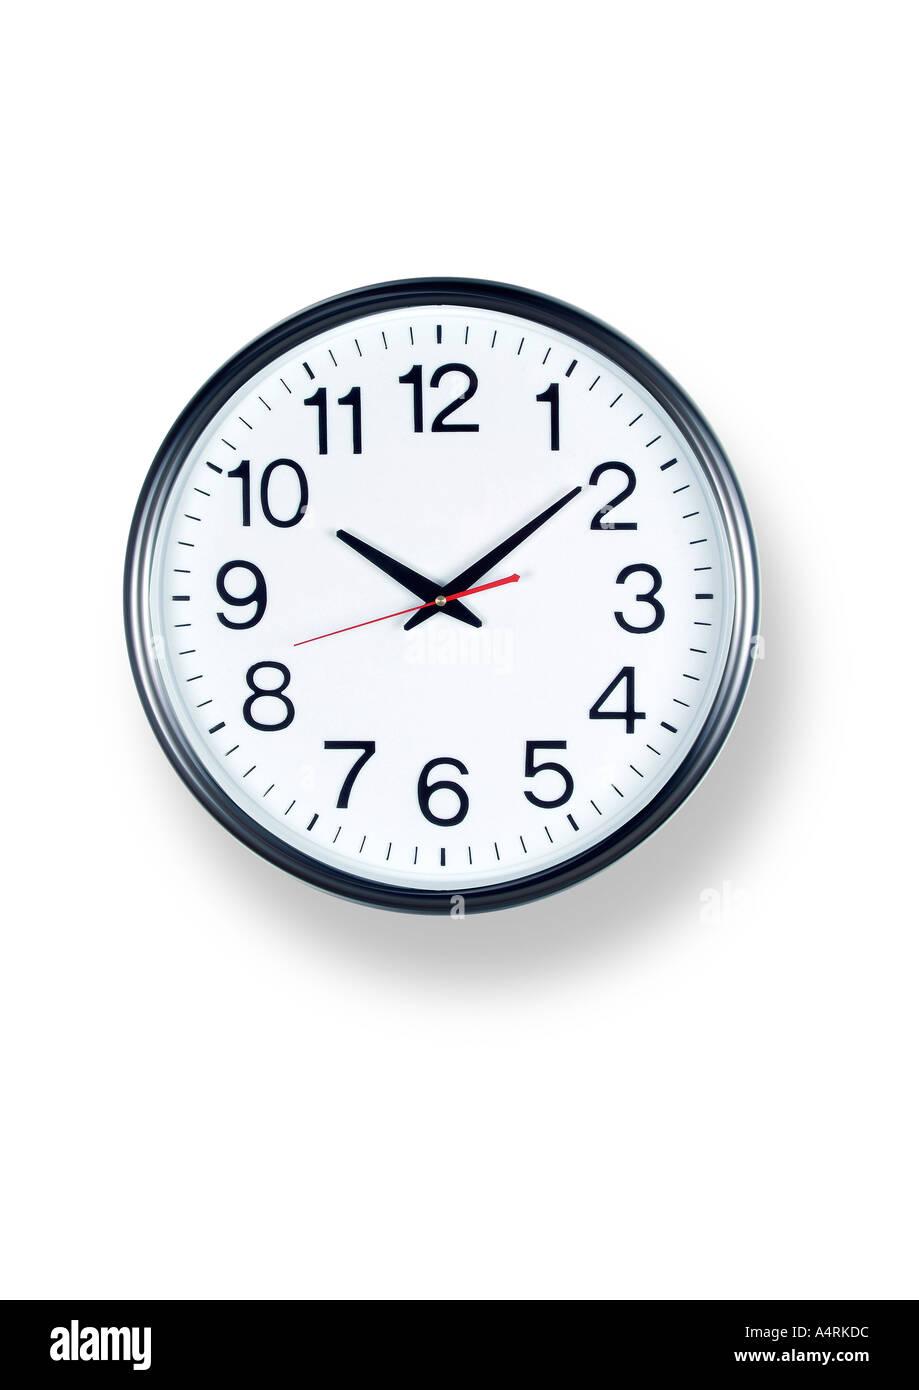 Reloj analógico reloj Uhr Wanduhr Imagen De Stock